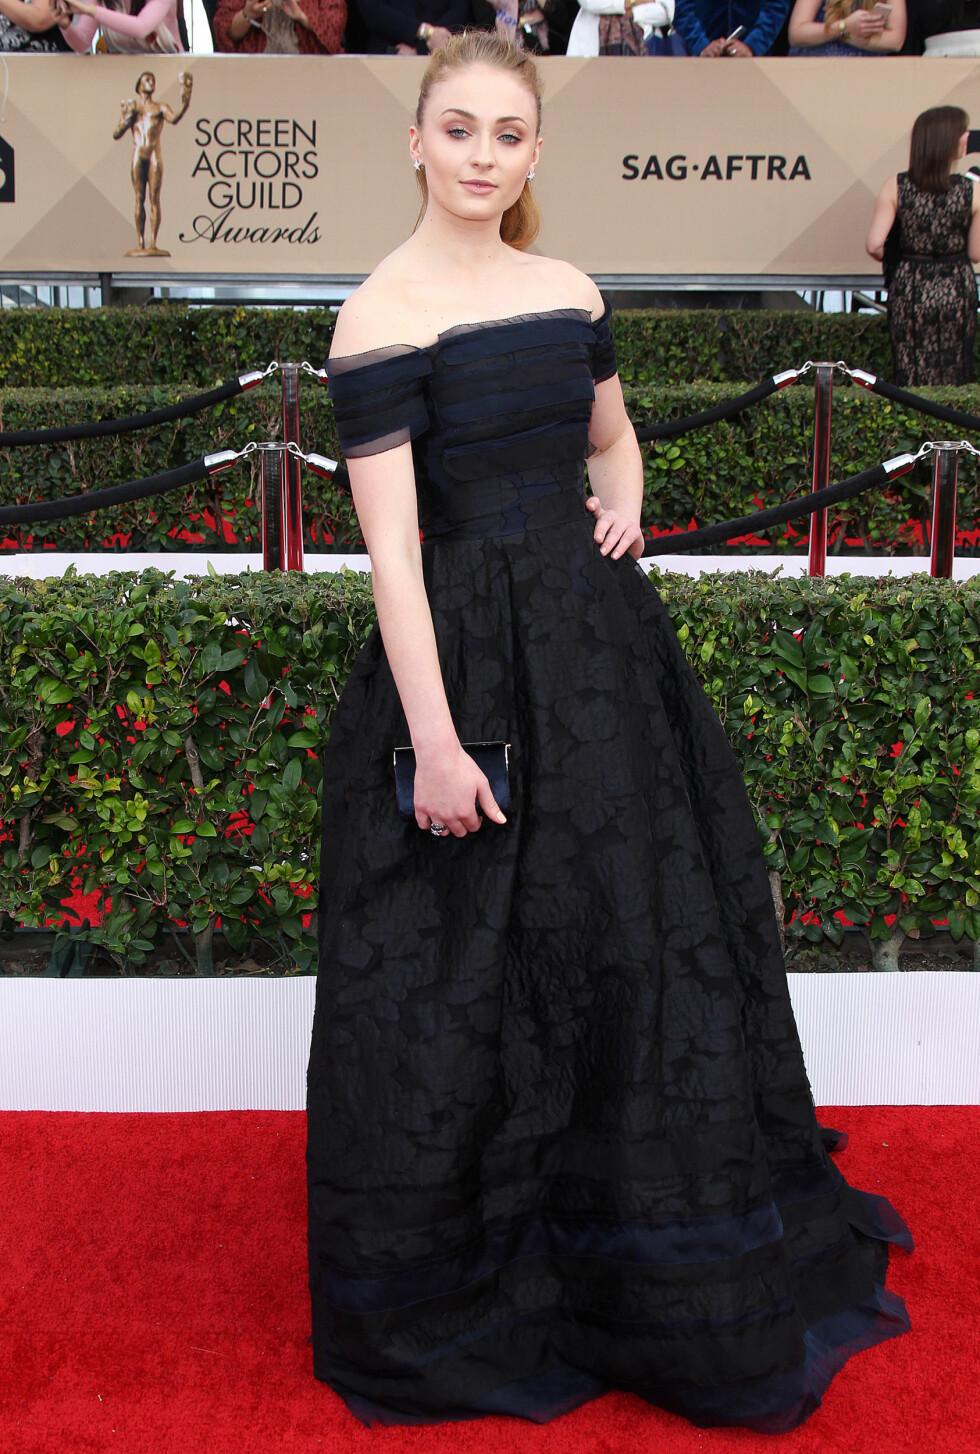 Sophie på Screen Actors Guild Awards i januar.   Foto: Broadimage